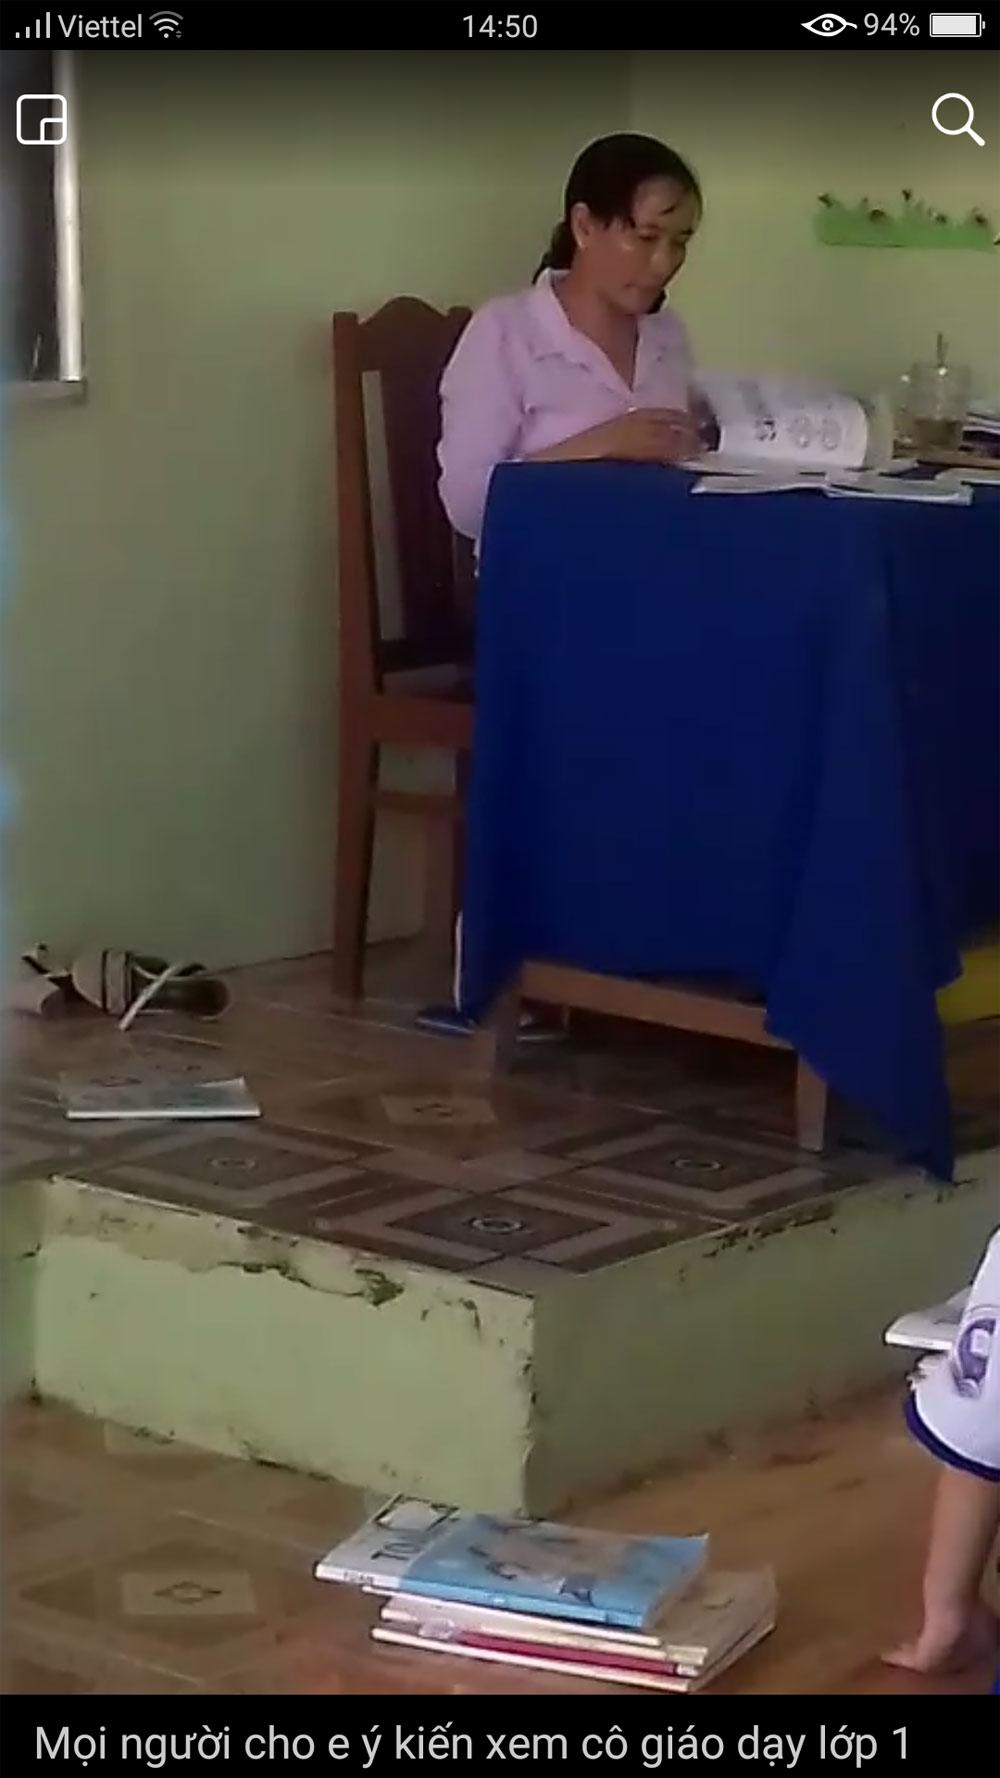 Yêu cầu, ngừng đứng lớp, cô giáo, chấm bài, ném vở học sinh xuống gạch, Trường Tiểu học Vĩnh Thanh